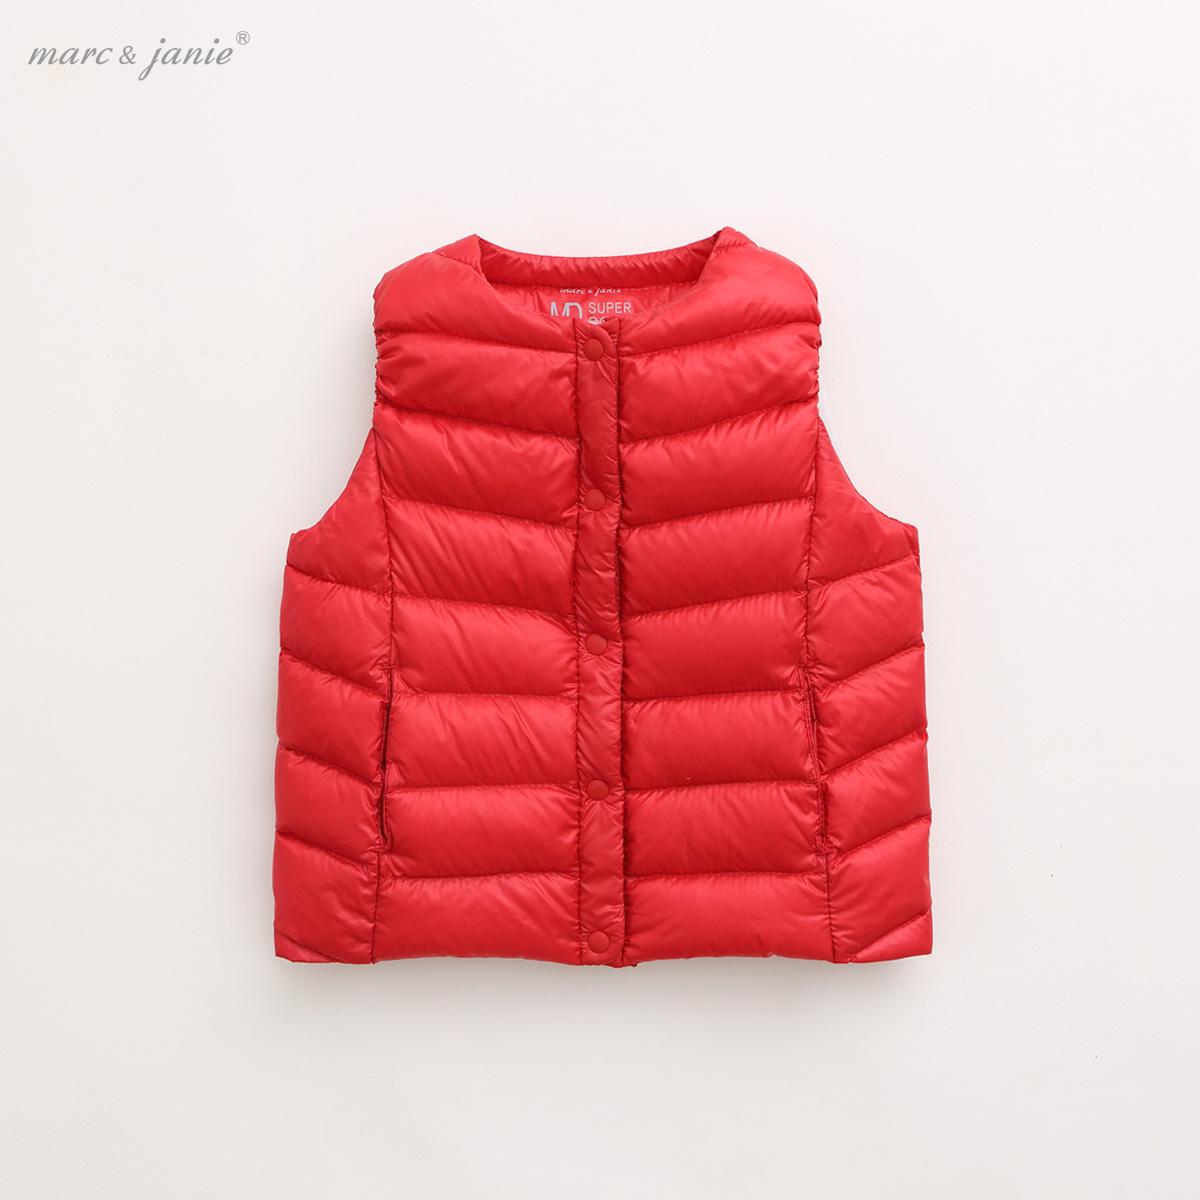 54f2f629b19  22 цвета по желанию Марк Дженни демисезонный платье мужские и женские  Жилет детские Жилет